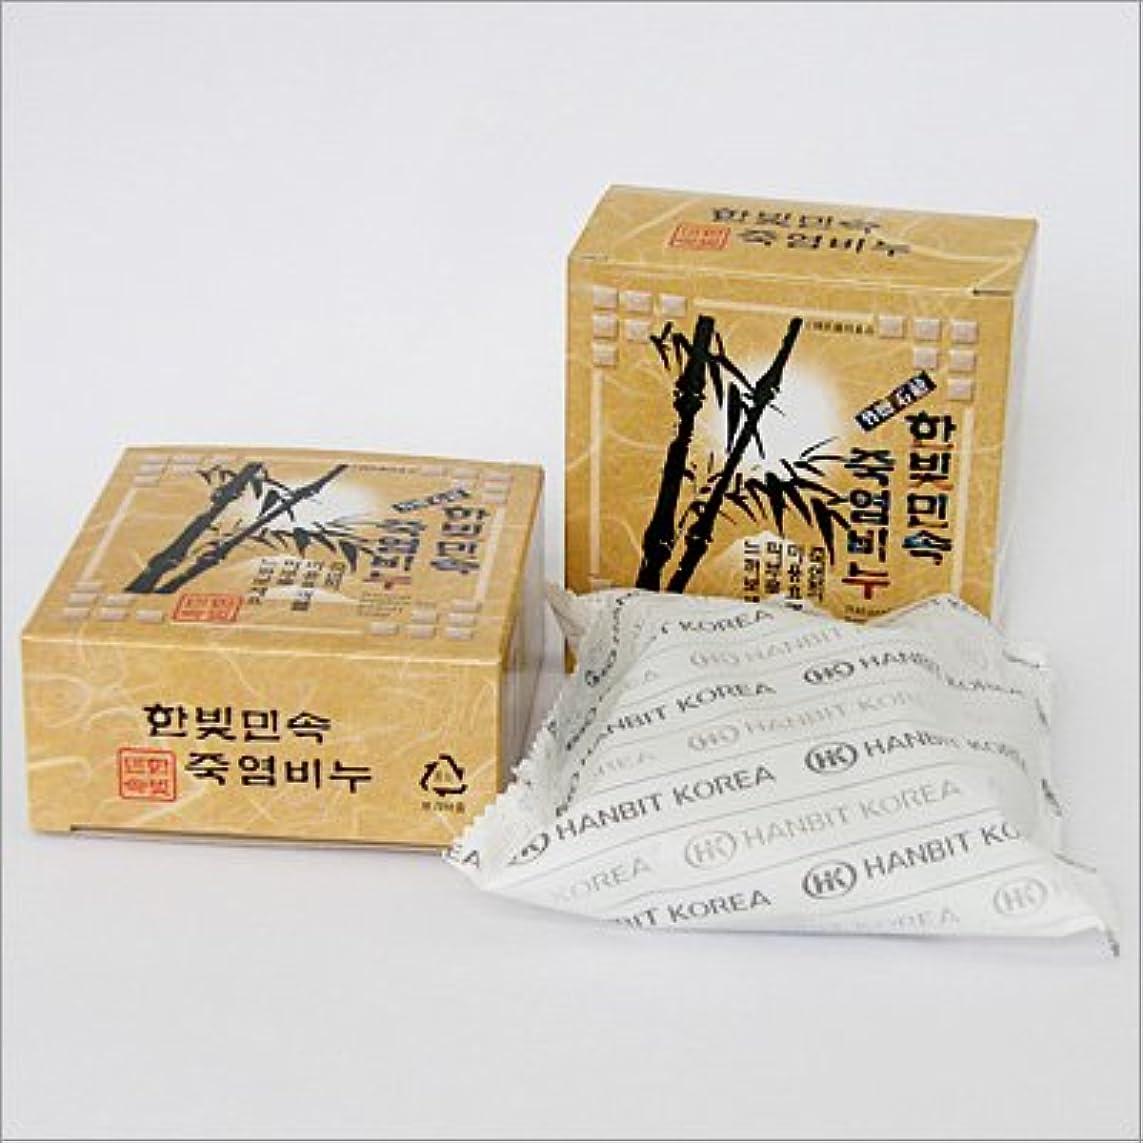 きらきら同じコンチネンタル(韓国ブランド) 韓国直輸入』竹塩石鹸(3個×5セット)